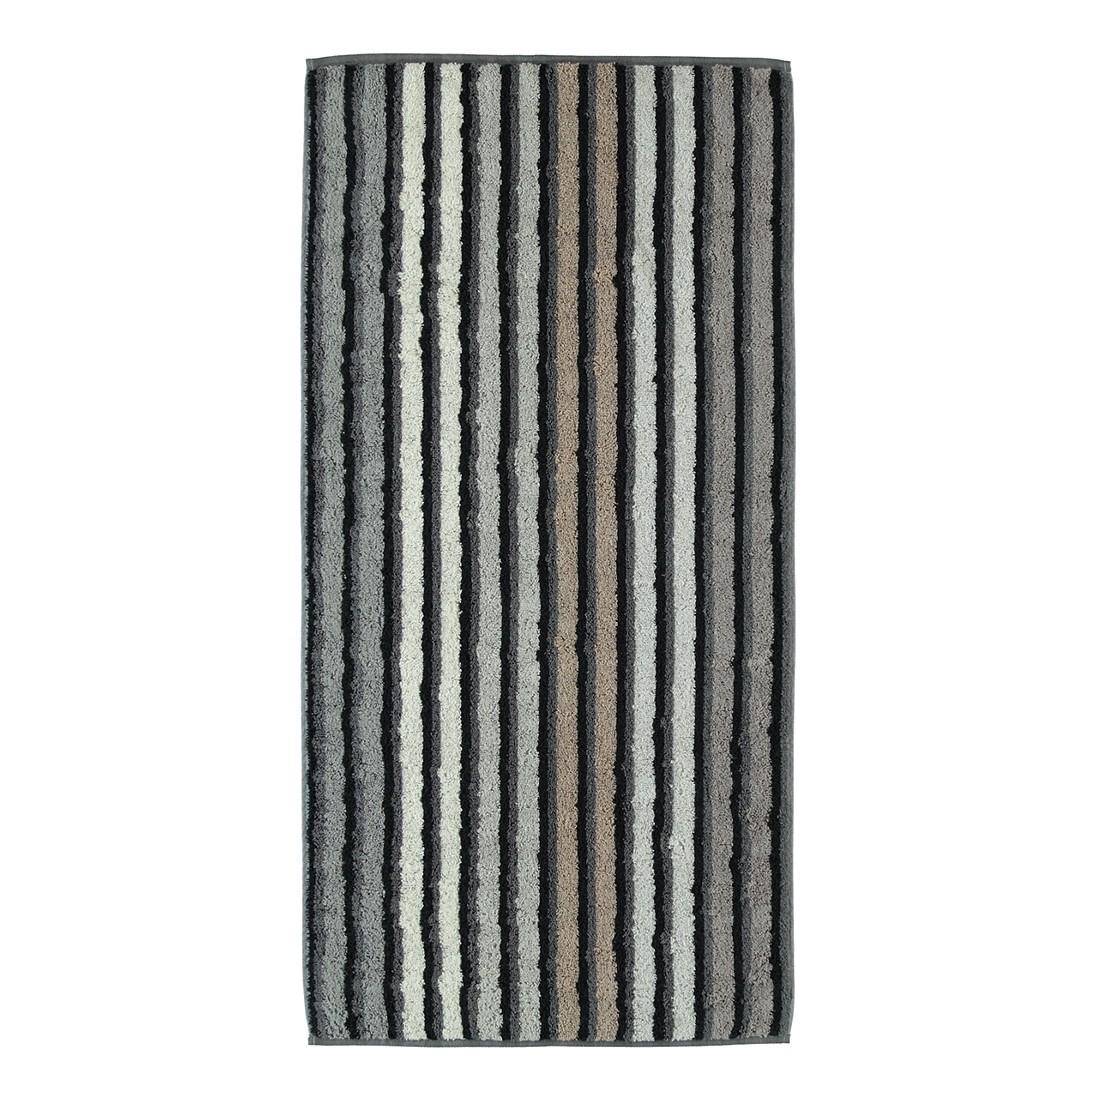 Handtücher Loft Streifen 517 – Baumwolle – Non-Color – Saunatuch 70×180 cm, Cawö bestellen